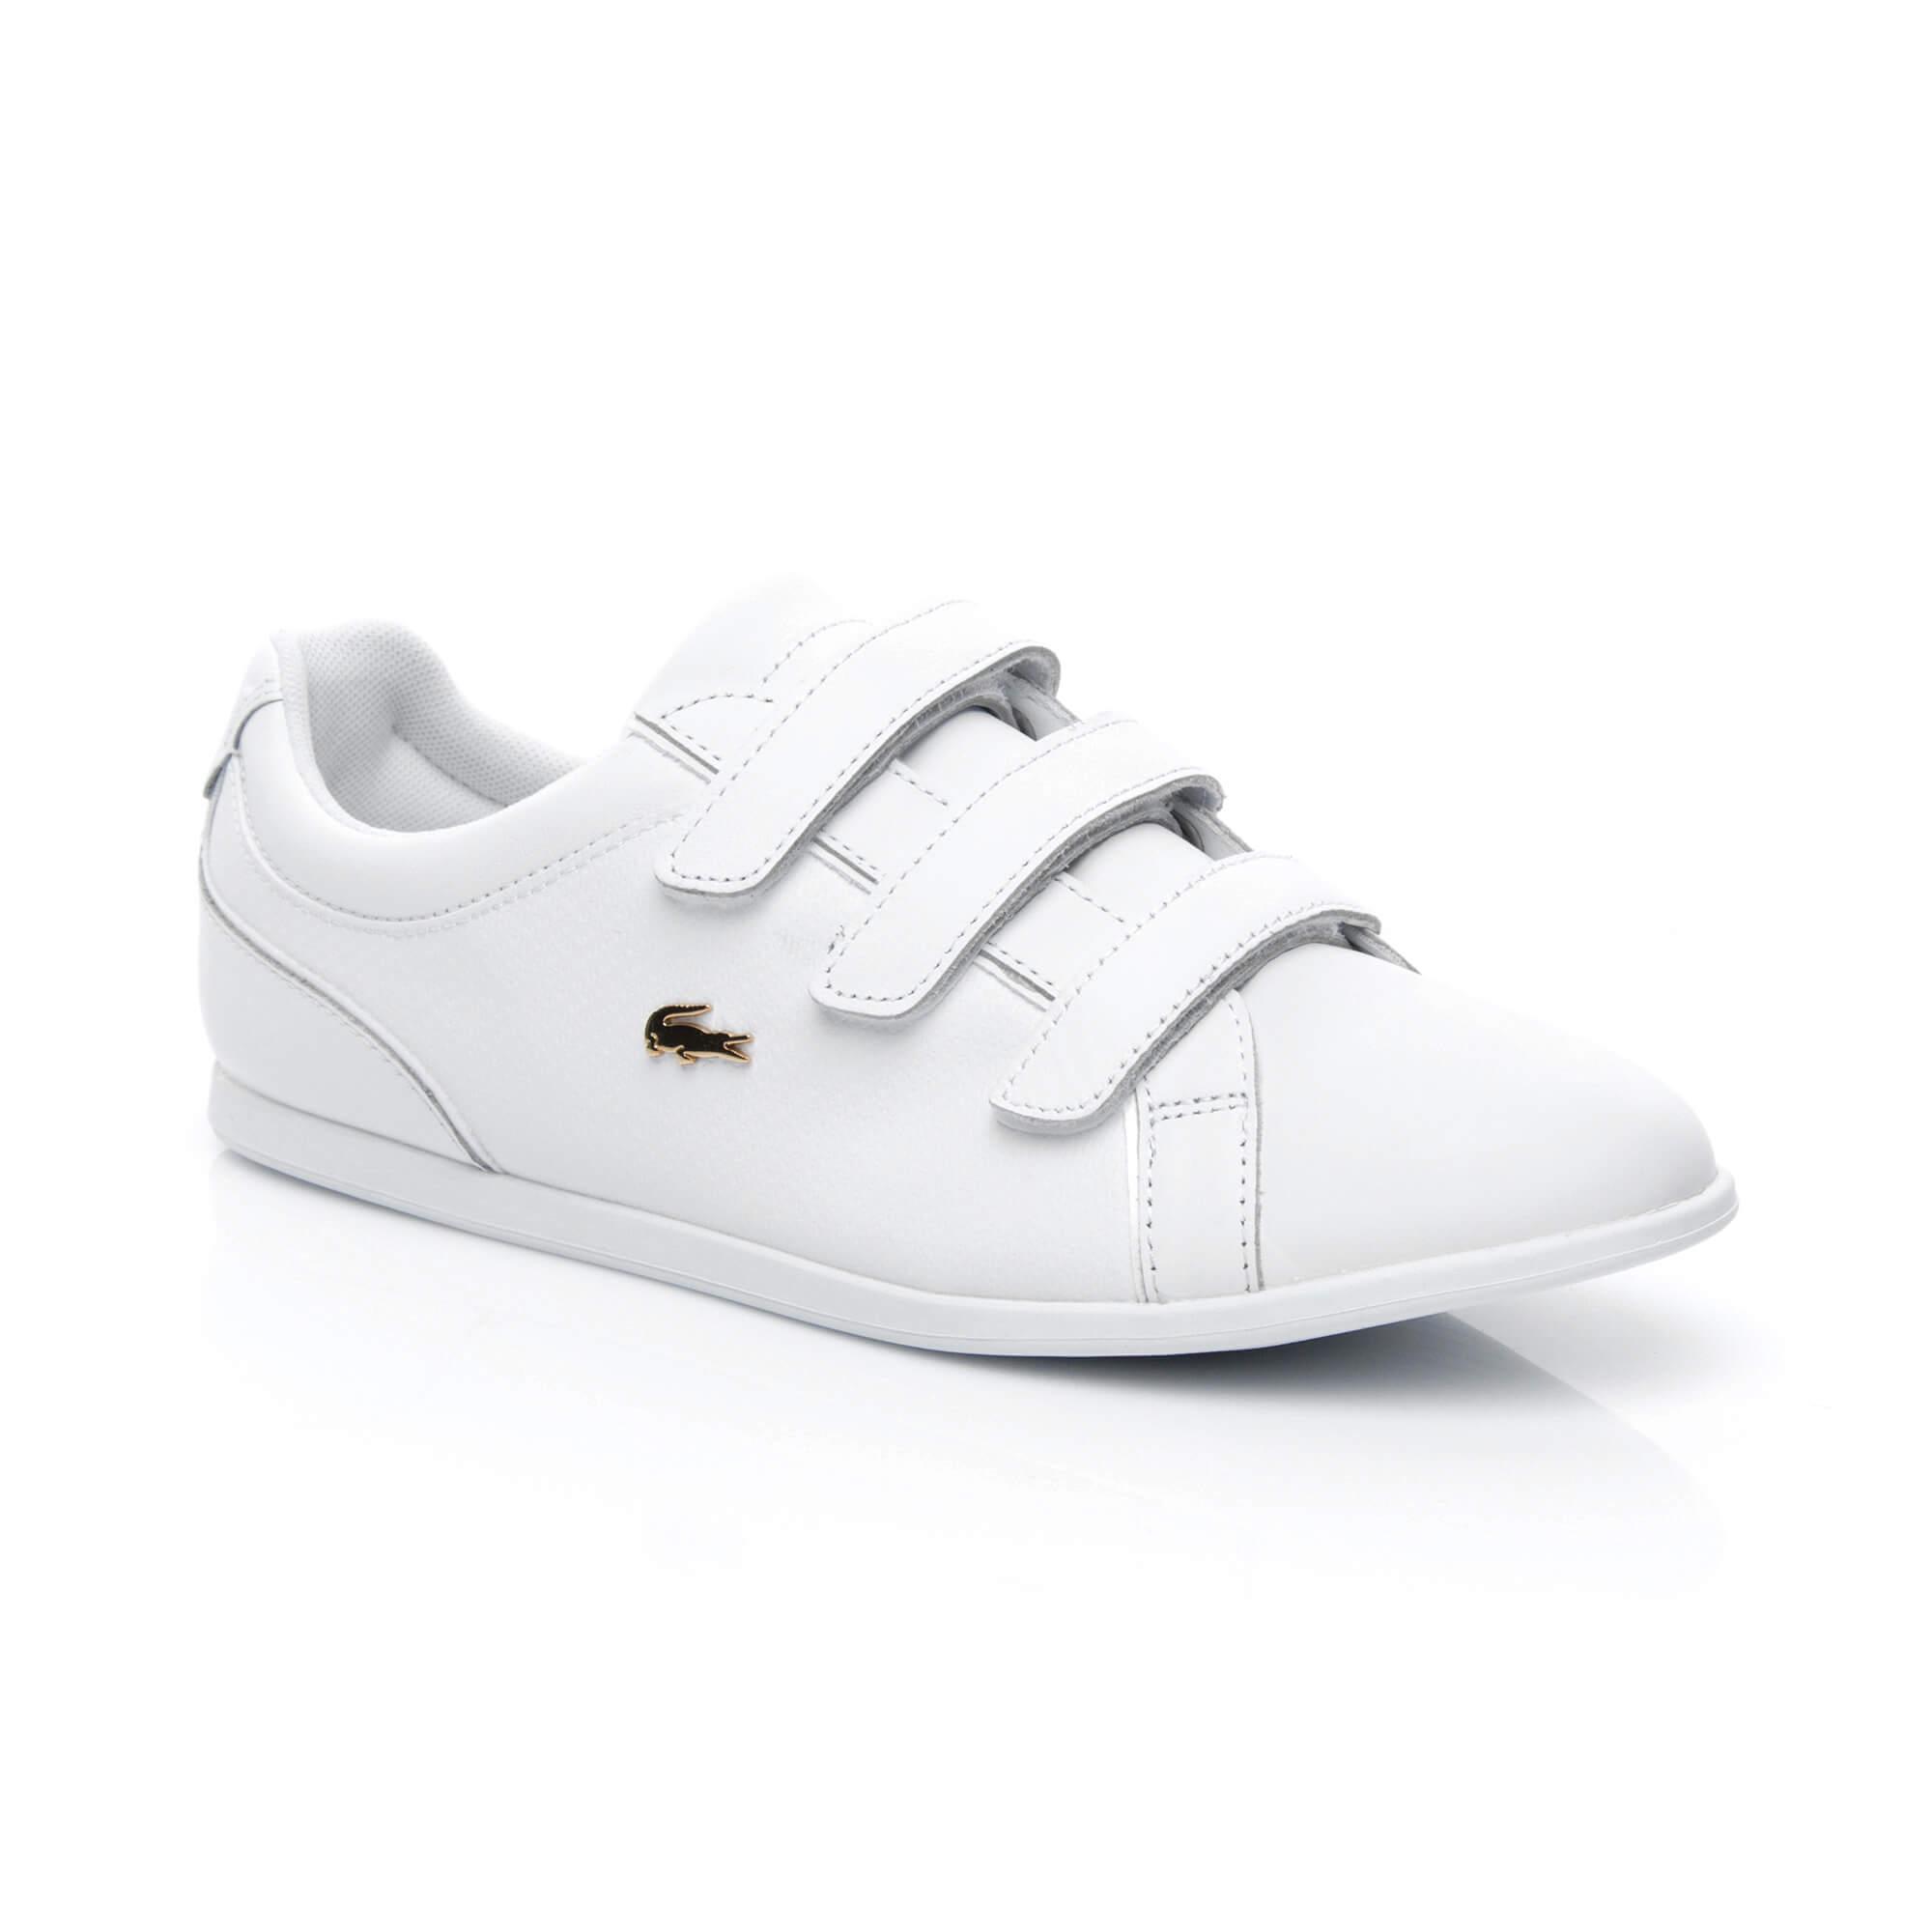 Lacoste Rey Strap Kadın Beyaz Sneaker